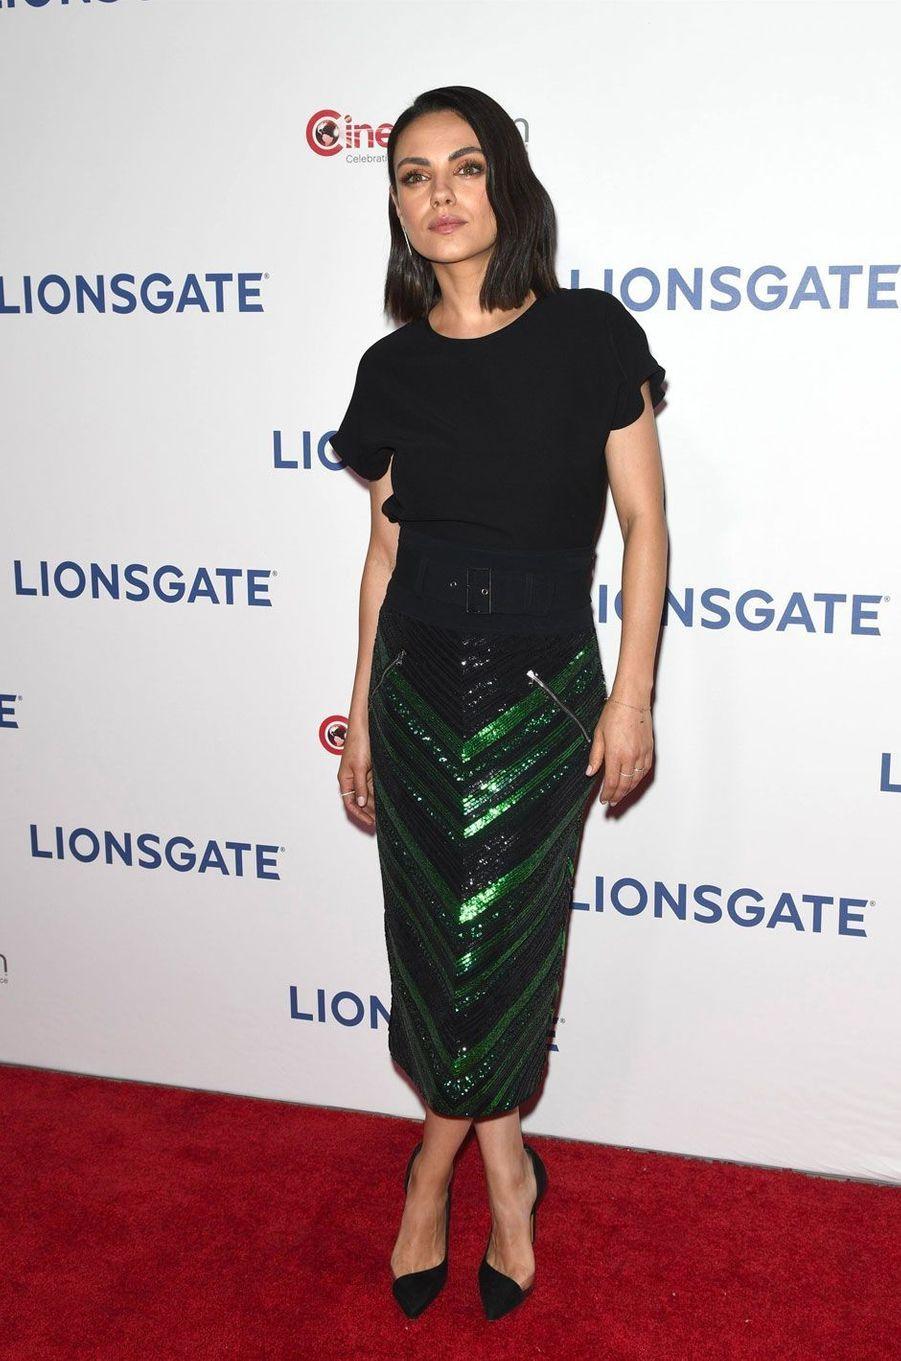 Mila Kunis à la soirée Lionsgate CinemaCon 2018 au Caesars Palace à Las Vegas, le 26 avril 2018